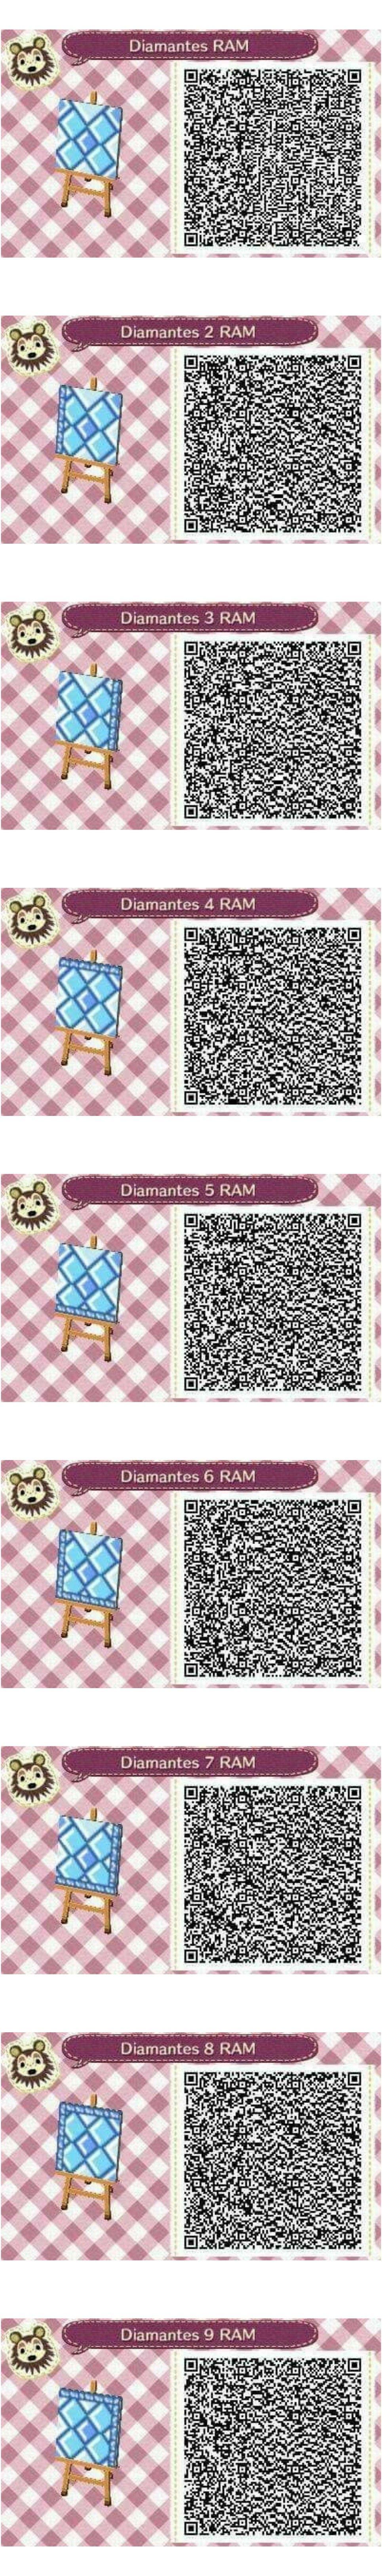 Este es un QR Code para Animal Crossing creado por mí misma. Como podéis observar son una serie